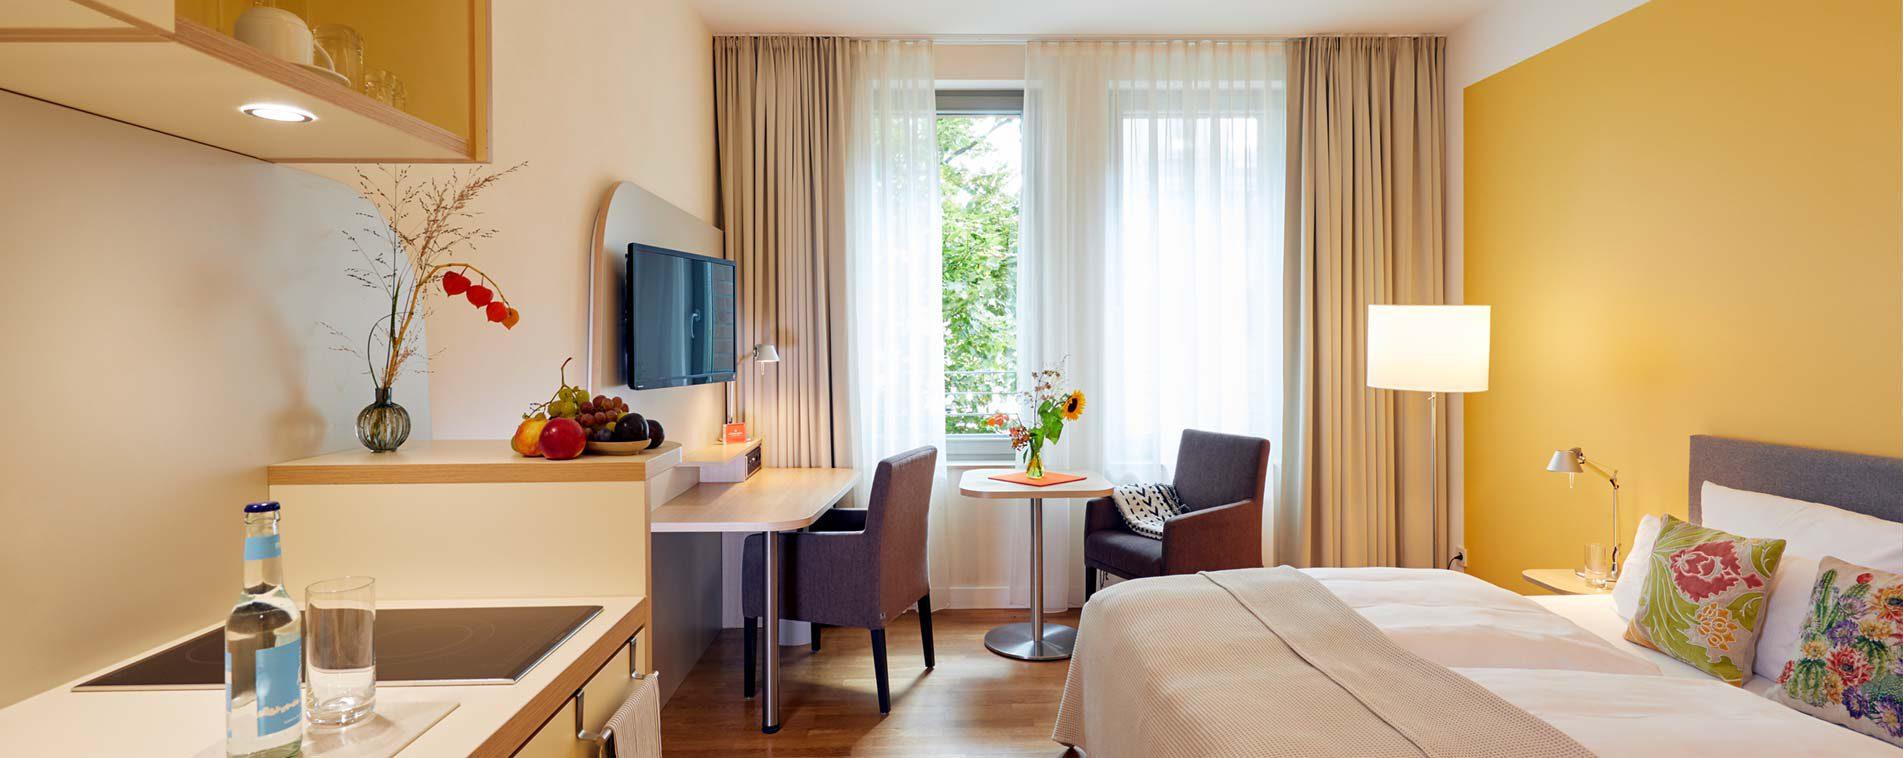 FLOTTWELL BERLIN Hotel - Homepage Rooms